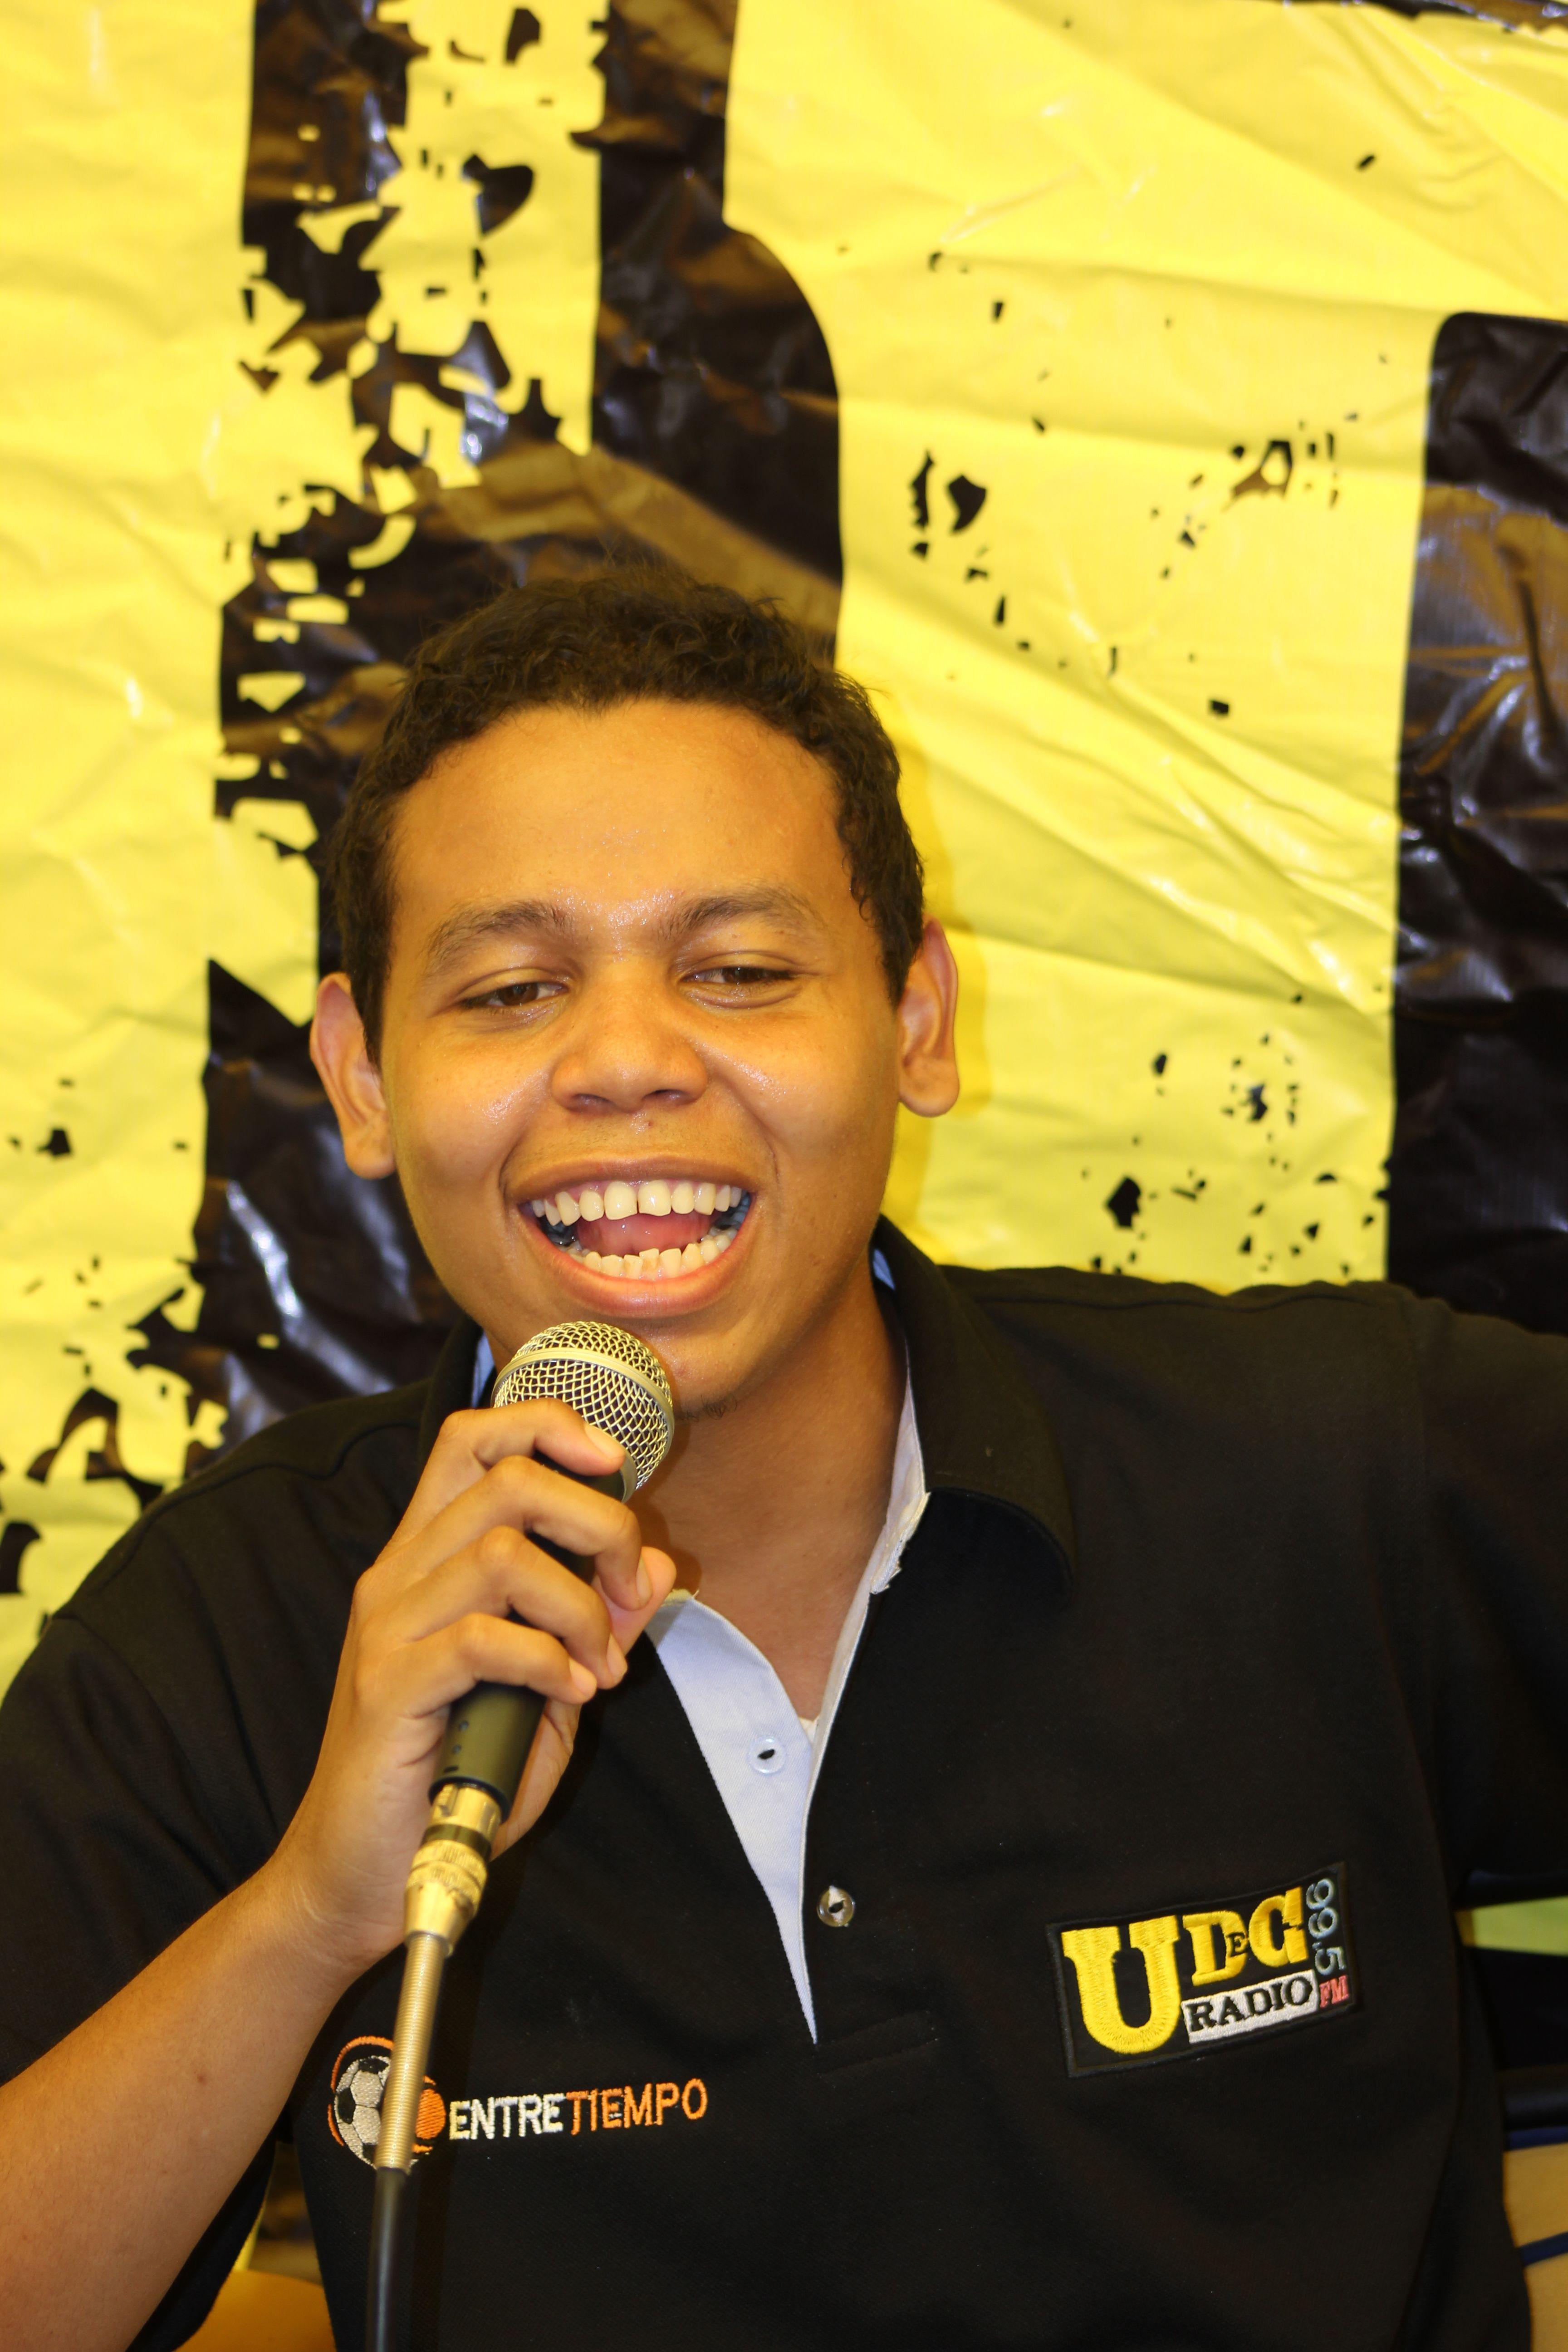 Factor 4: Procesos Académicos. Augusto Puello periodista deportivo del programa radial Entretiempo de UdeC Radio. - 2012. #Unicartagena #ComunicaciónSocial